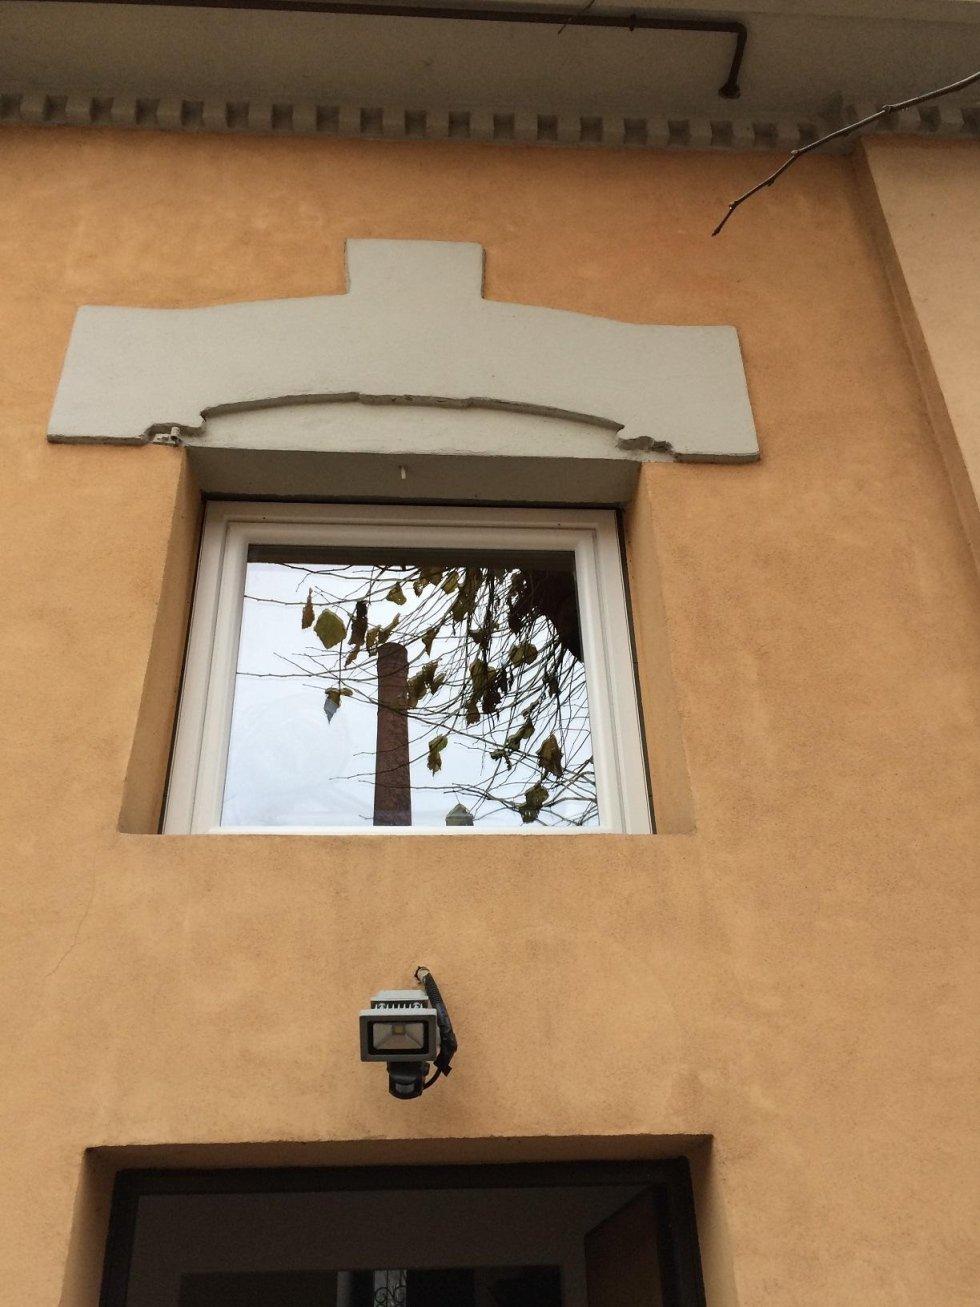 vista dal basso di una finestra con stucco decorativo nella parte superiore